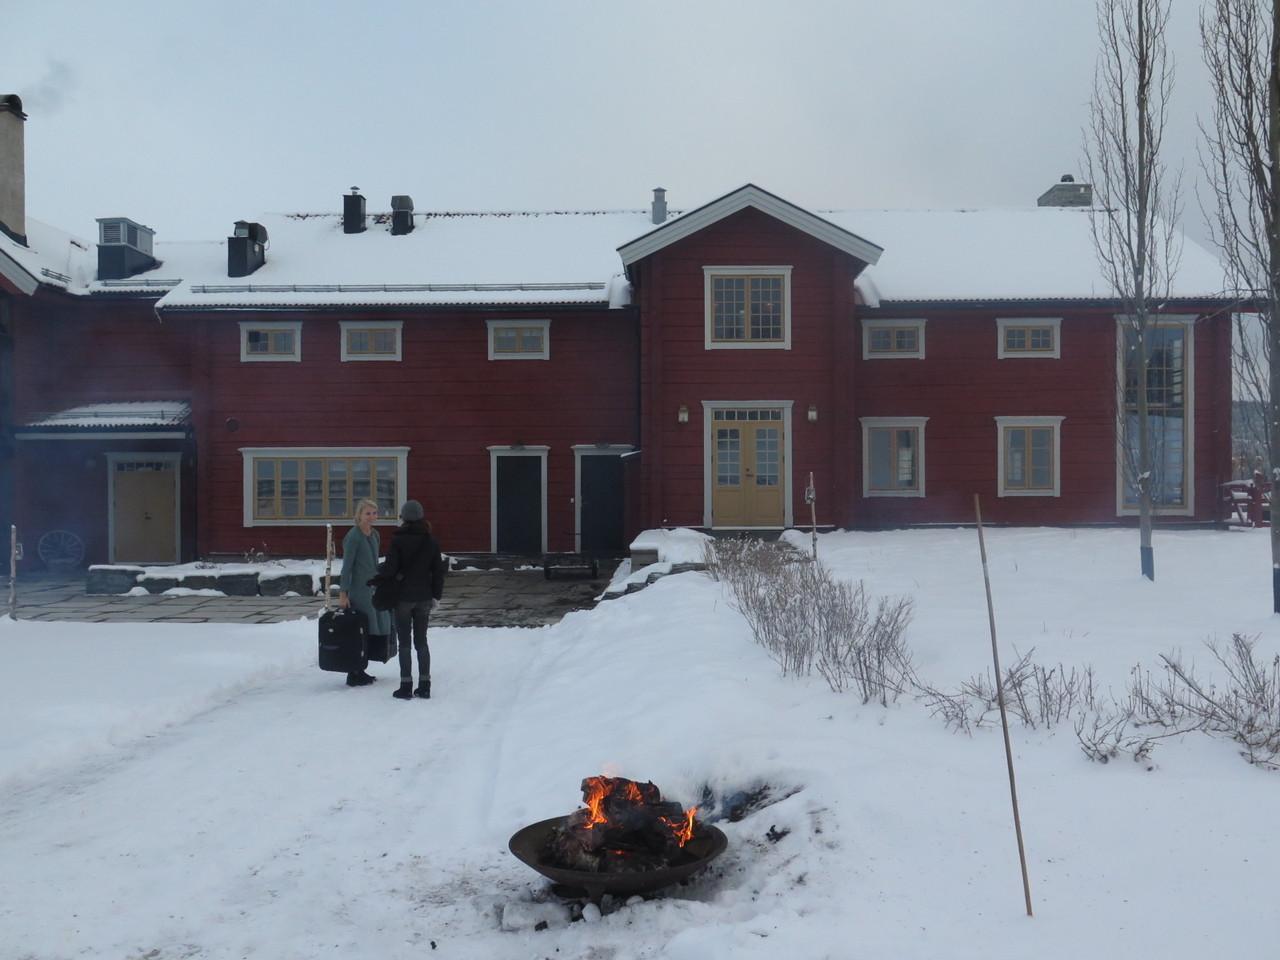 E do interior do FÄVIKEN surgiu uma simpática senhora, loura e sem frio, que nos levou para dentro de casa